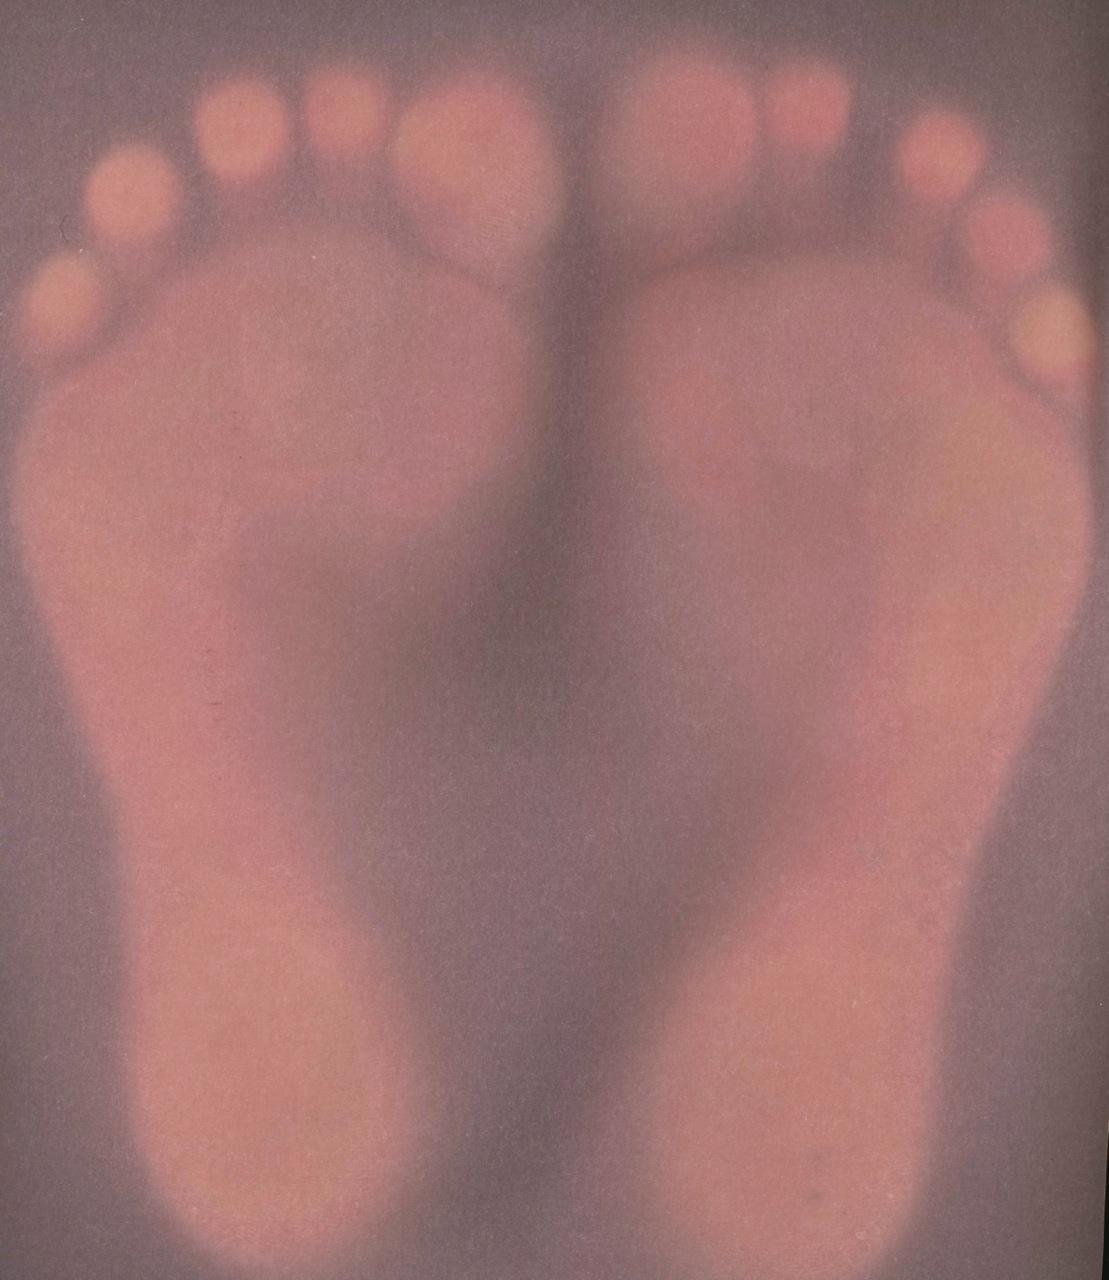 feet scan